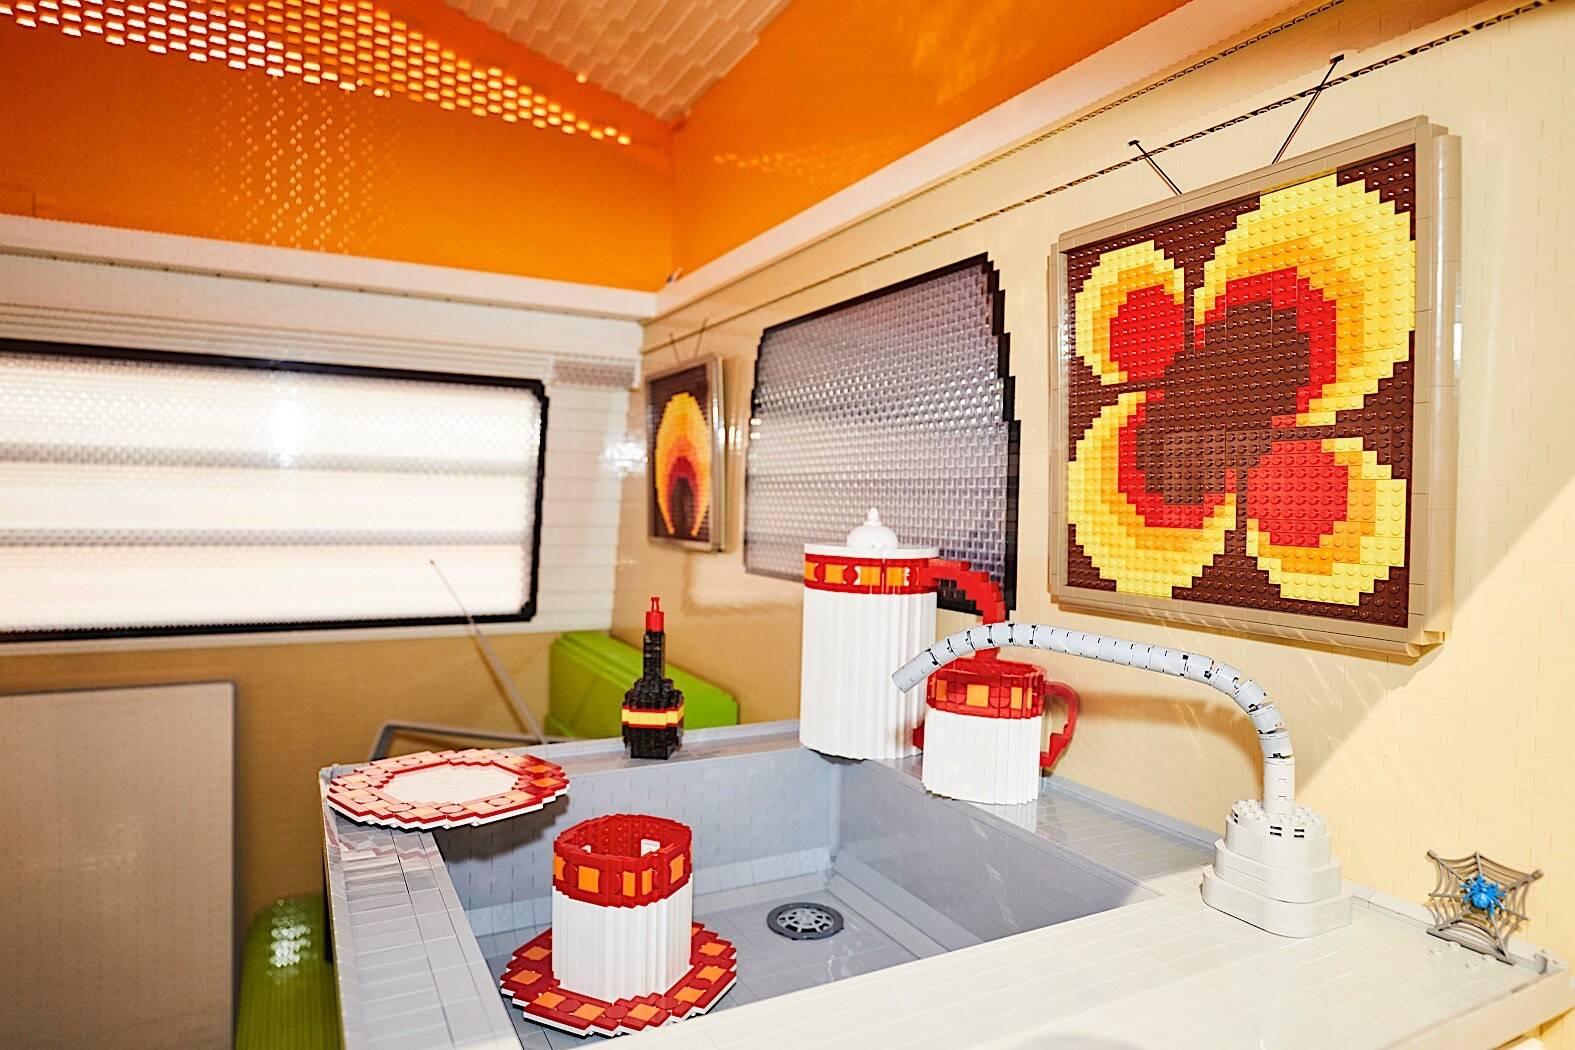 Kombi de Lego. Foto: Divulgação